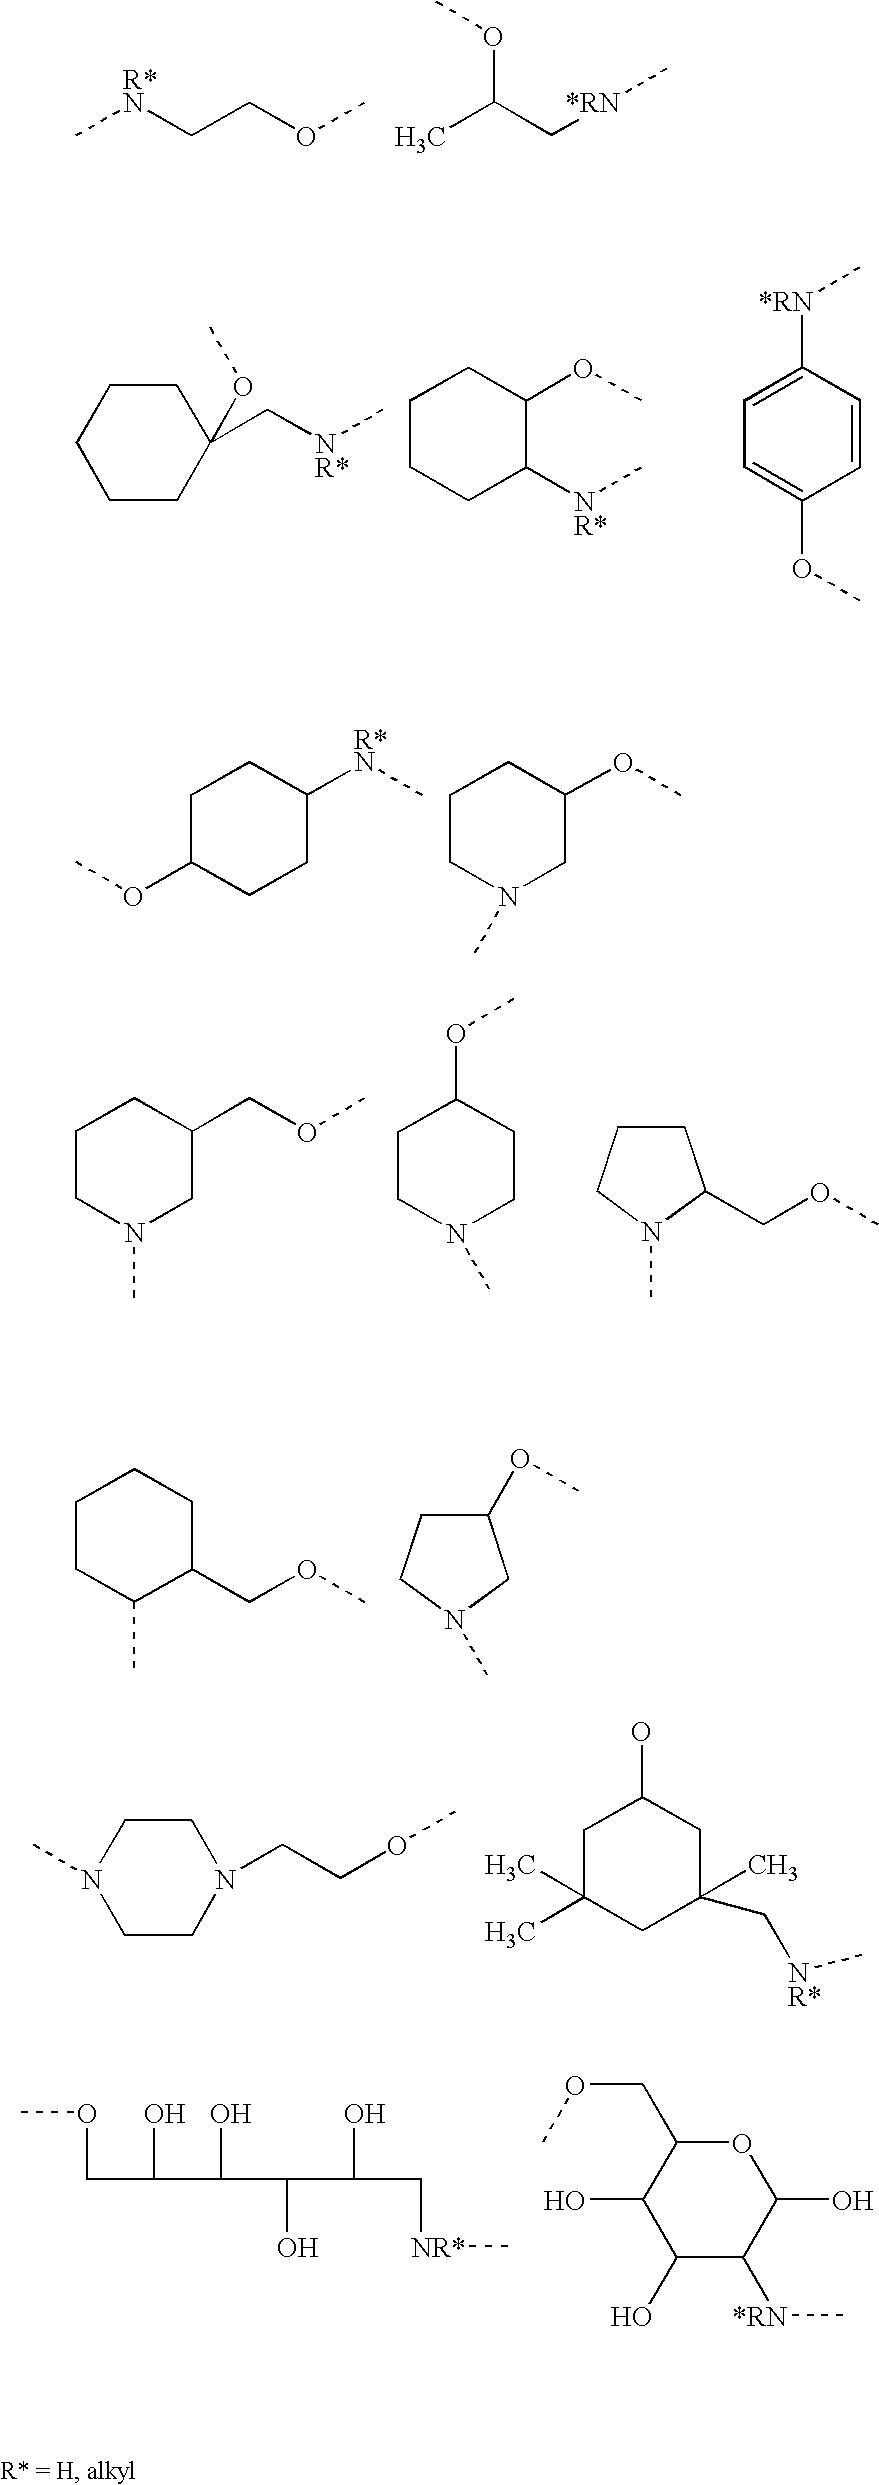 Figure US20060228557A1-20061012-C00004